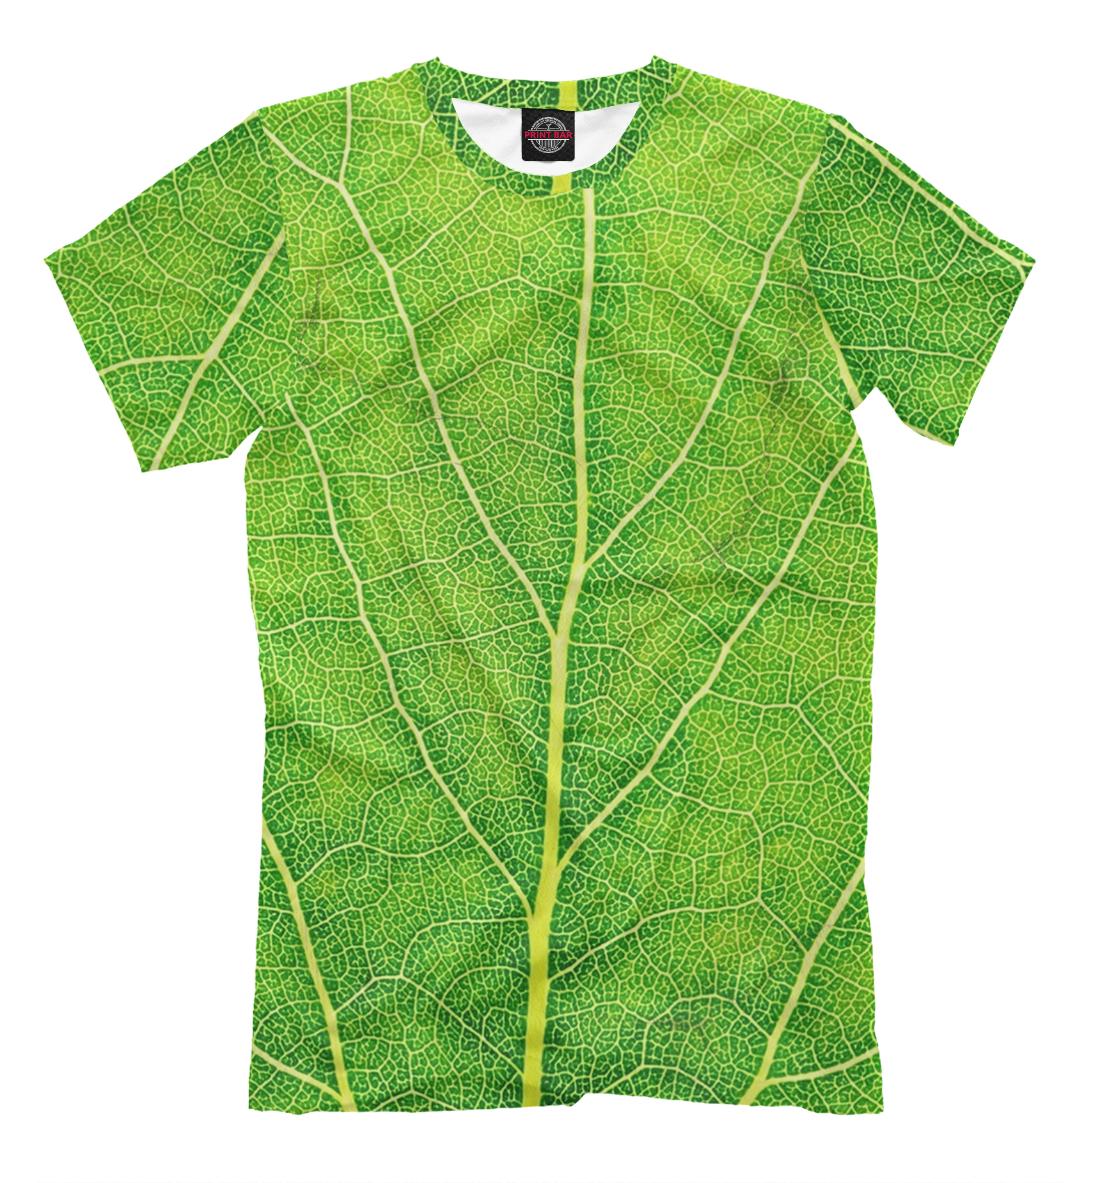 Купить Мужская футболка Лист MAC-486101-fut-2